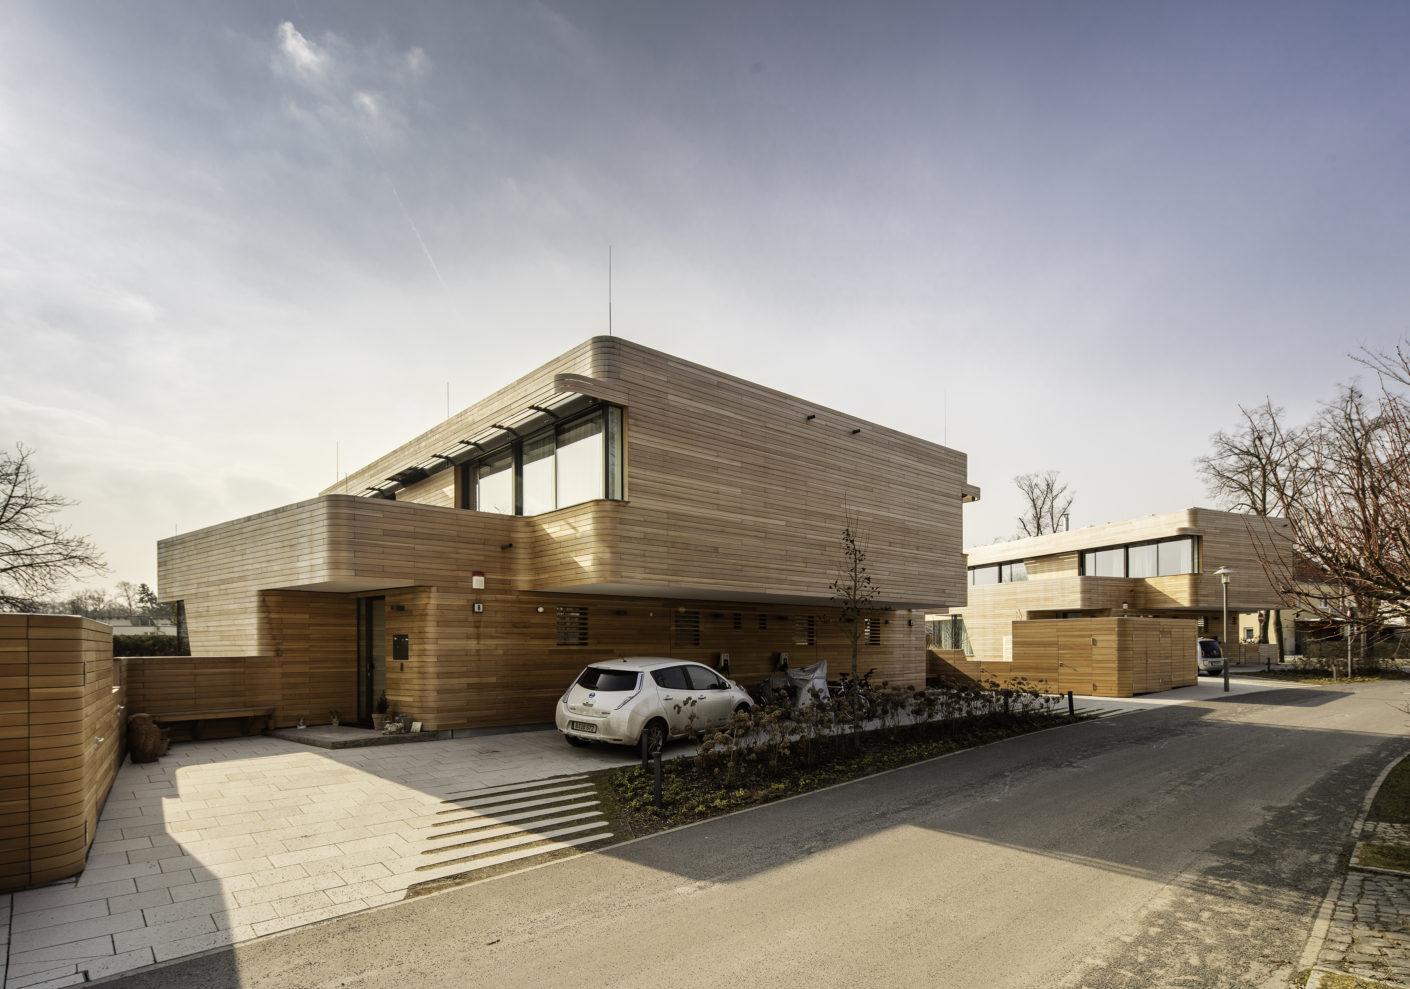 Plus-Energie-Häuser in Berlin Potsdam vo Graft Architekten aus dem Jahr 2015